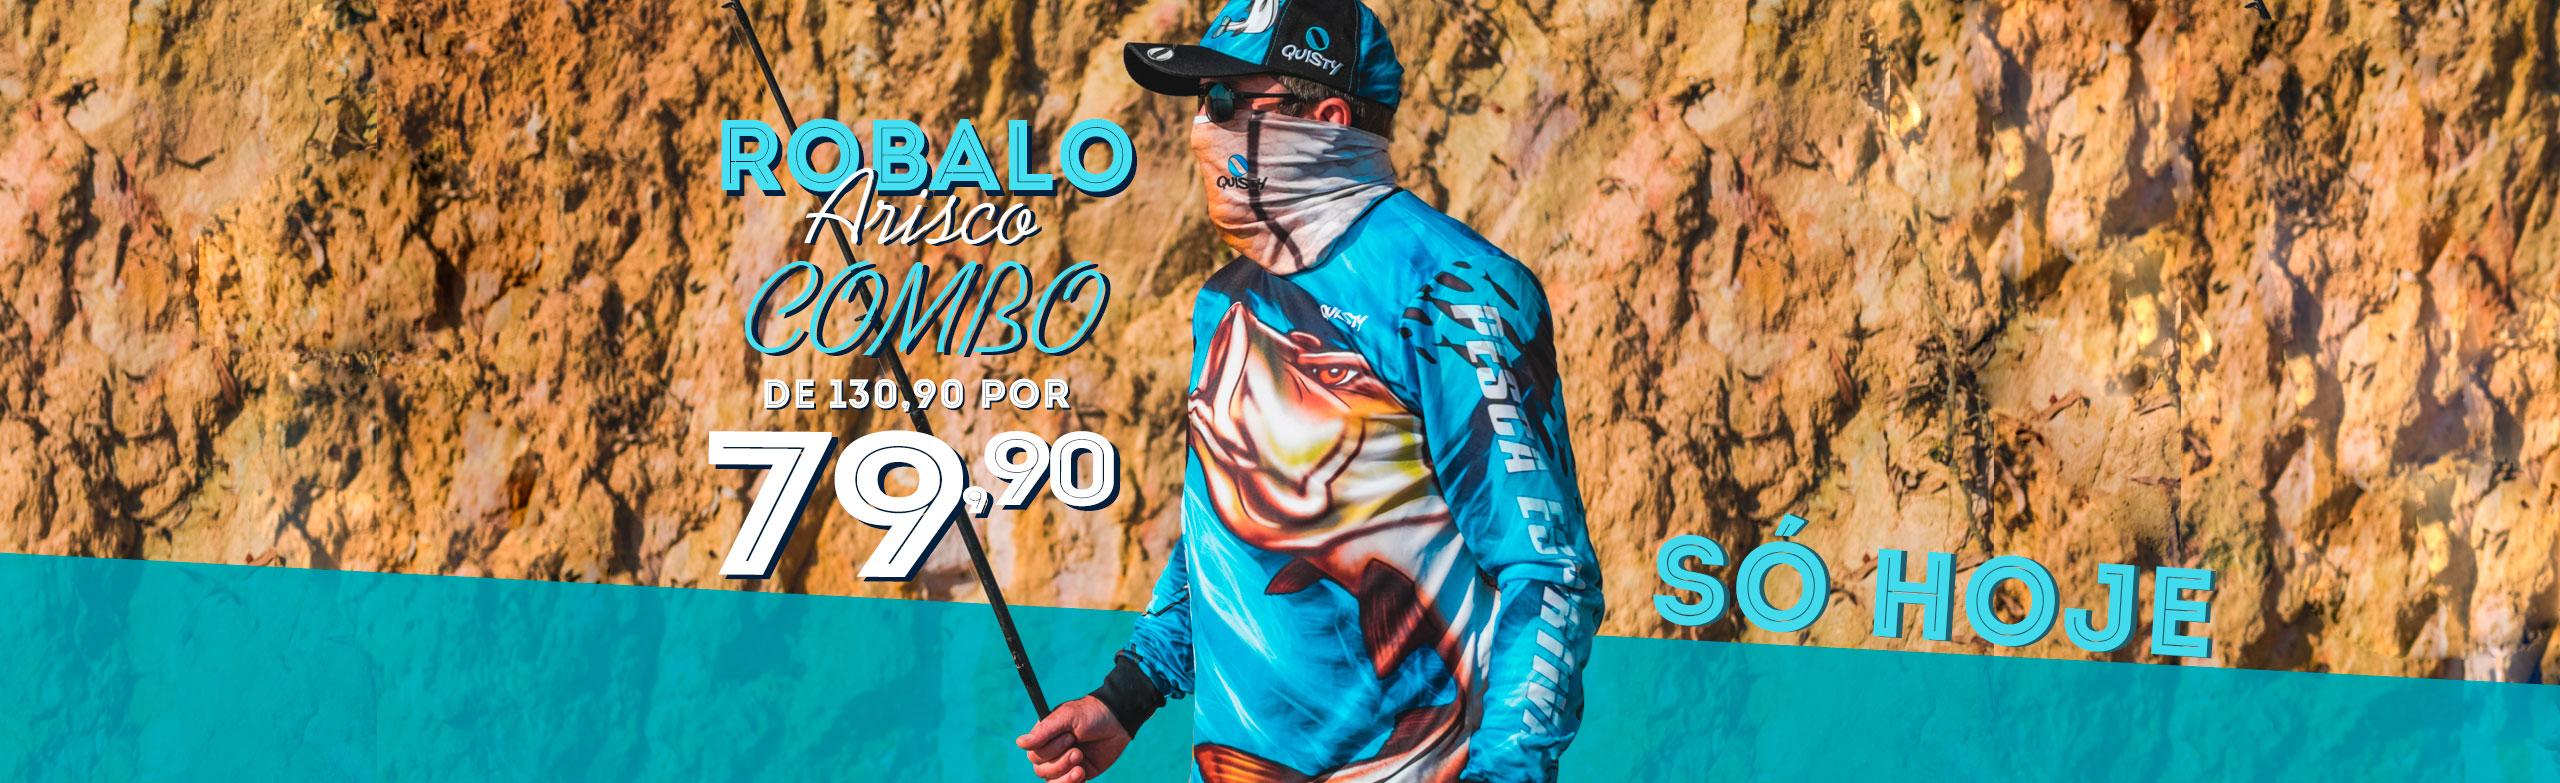 Robalo Arisco